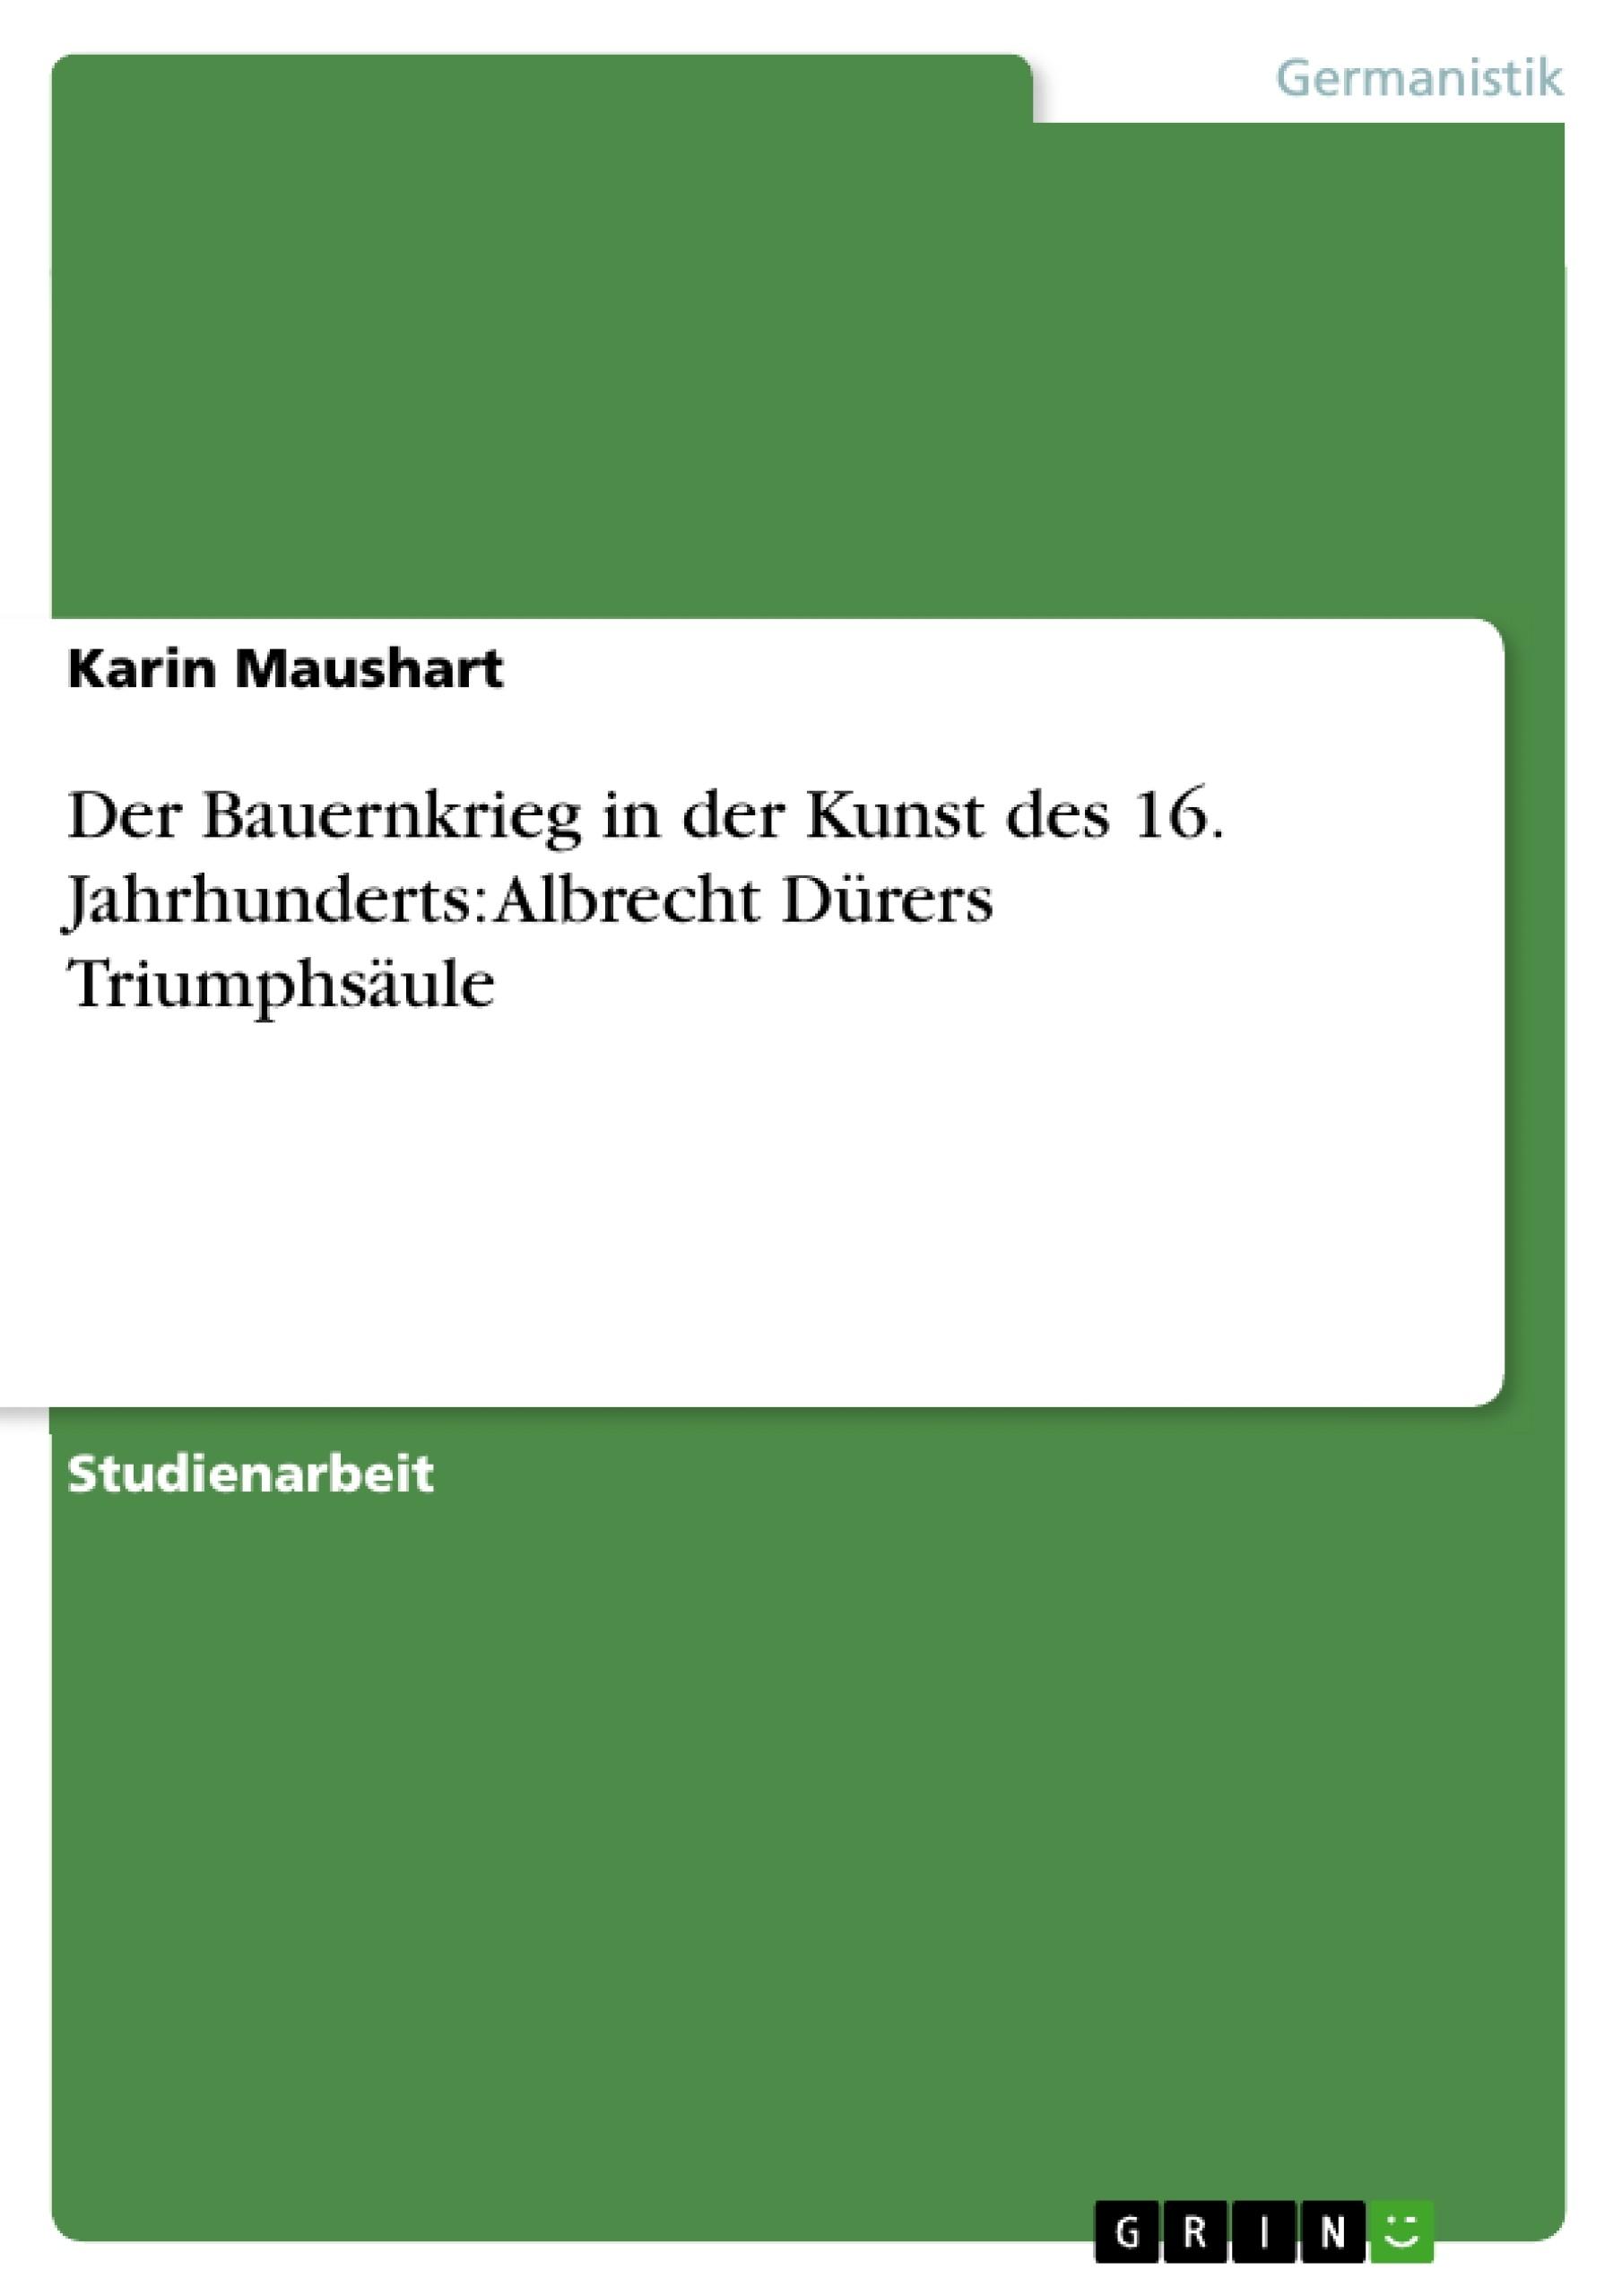 Titel: Der Bauernkrieg in der Kunst des 16. Jahrhunderts: Albrecht Dürers Triumphsäule